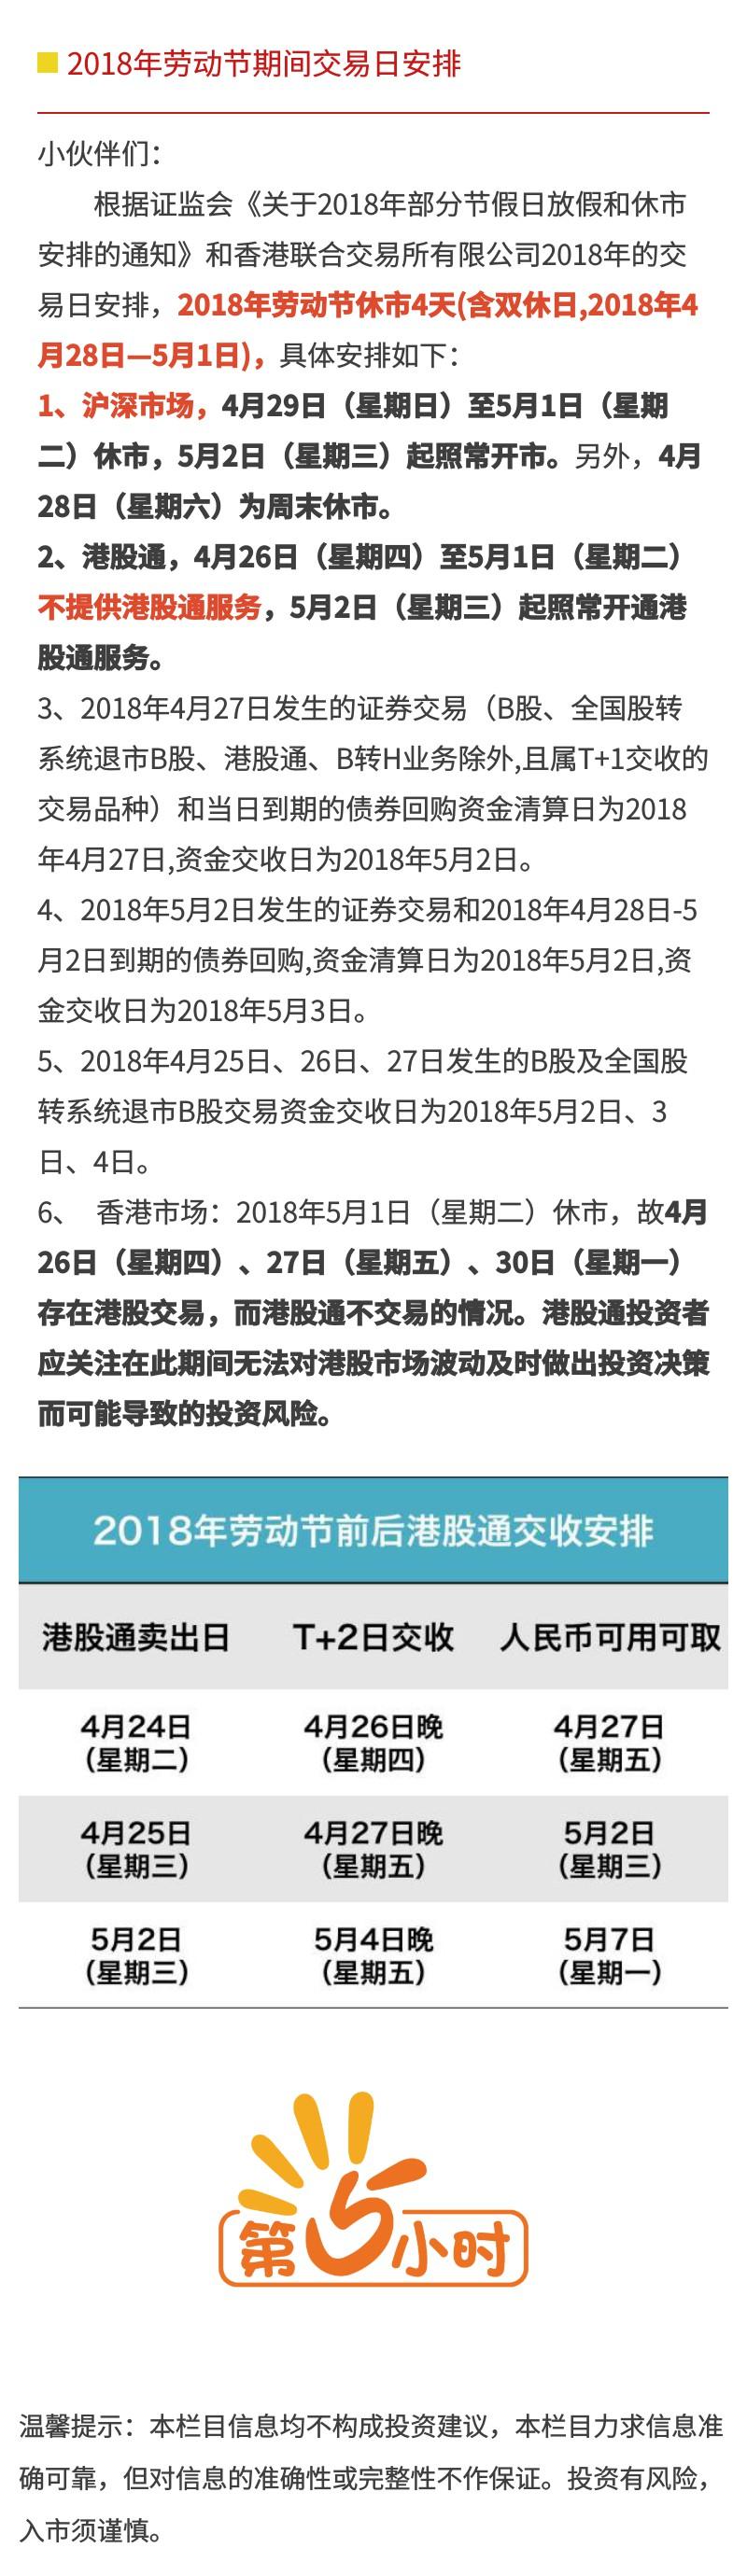 2018年劳动节期间沪、深及港股通交易日安排.jpg